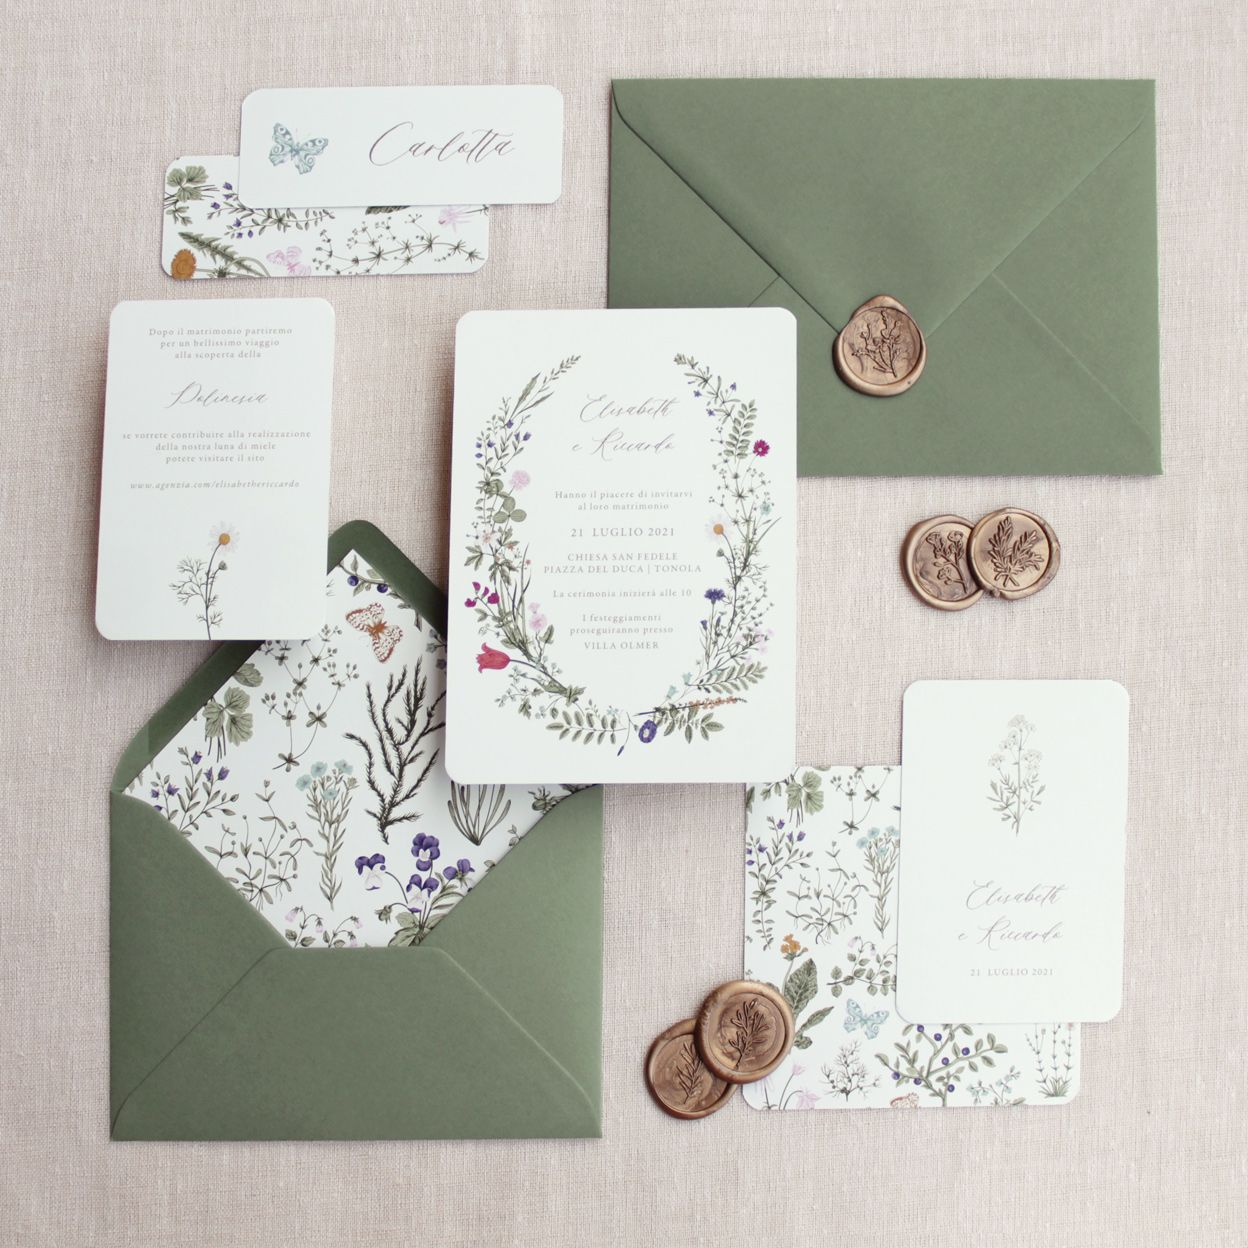 Wildflower Margherite Fiori Secchi Floreale Partecipazioni Inviti Nozze Matrimonio 2021 Sposi Flower Nel 2020 Inviti Di Nozze Nozze Matrimonio